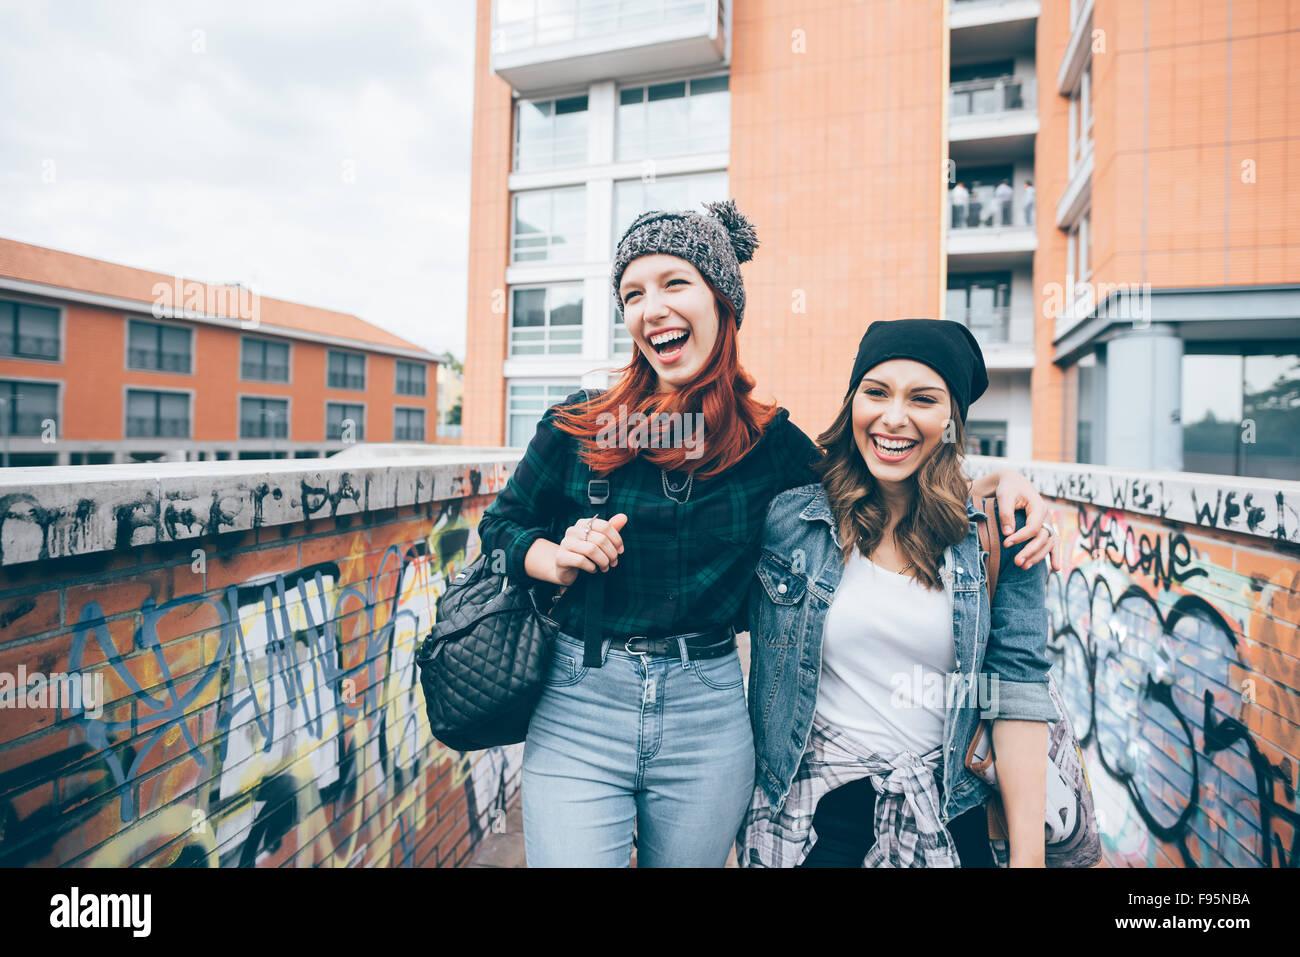 Rodilla la figura de dos jóvenes caucásicos guapo rubio y pelirrojo pelo recto mujer abrazando a caminar Imagen De Stock